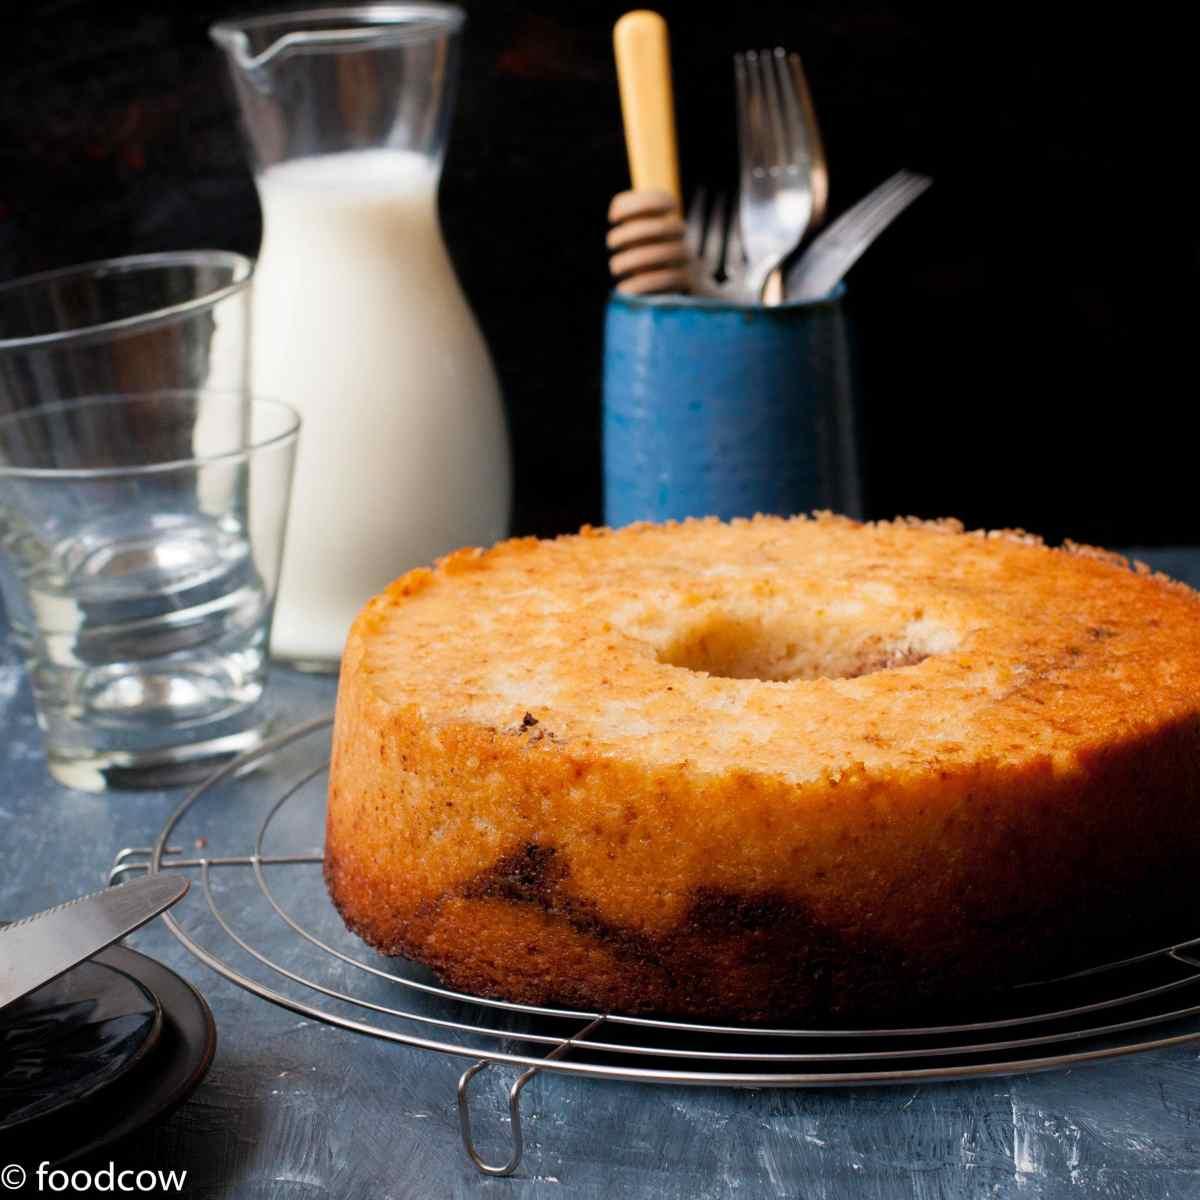 Desserts & Cakes